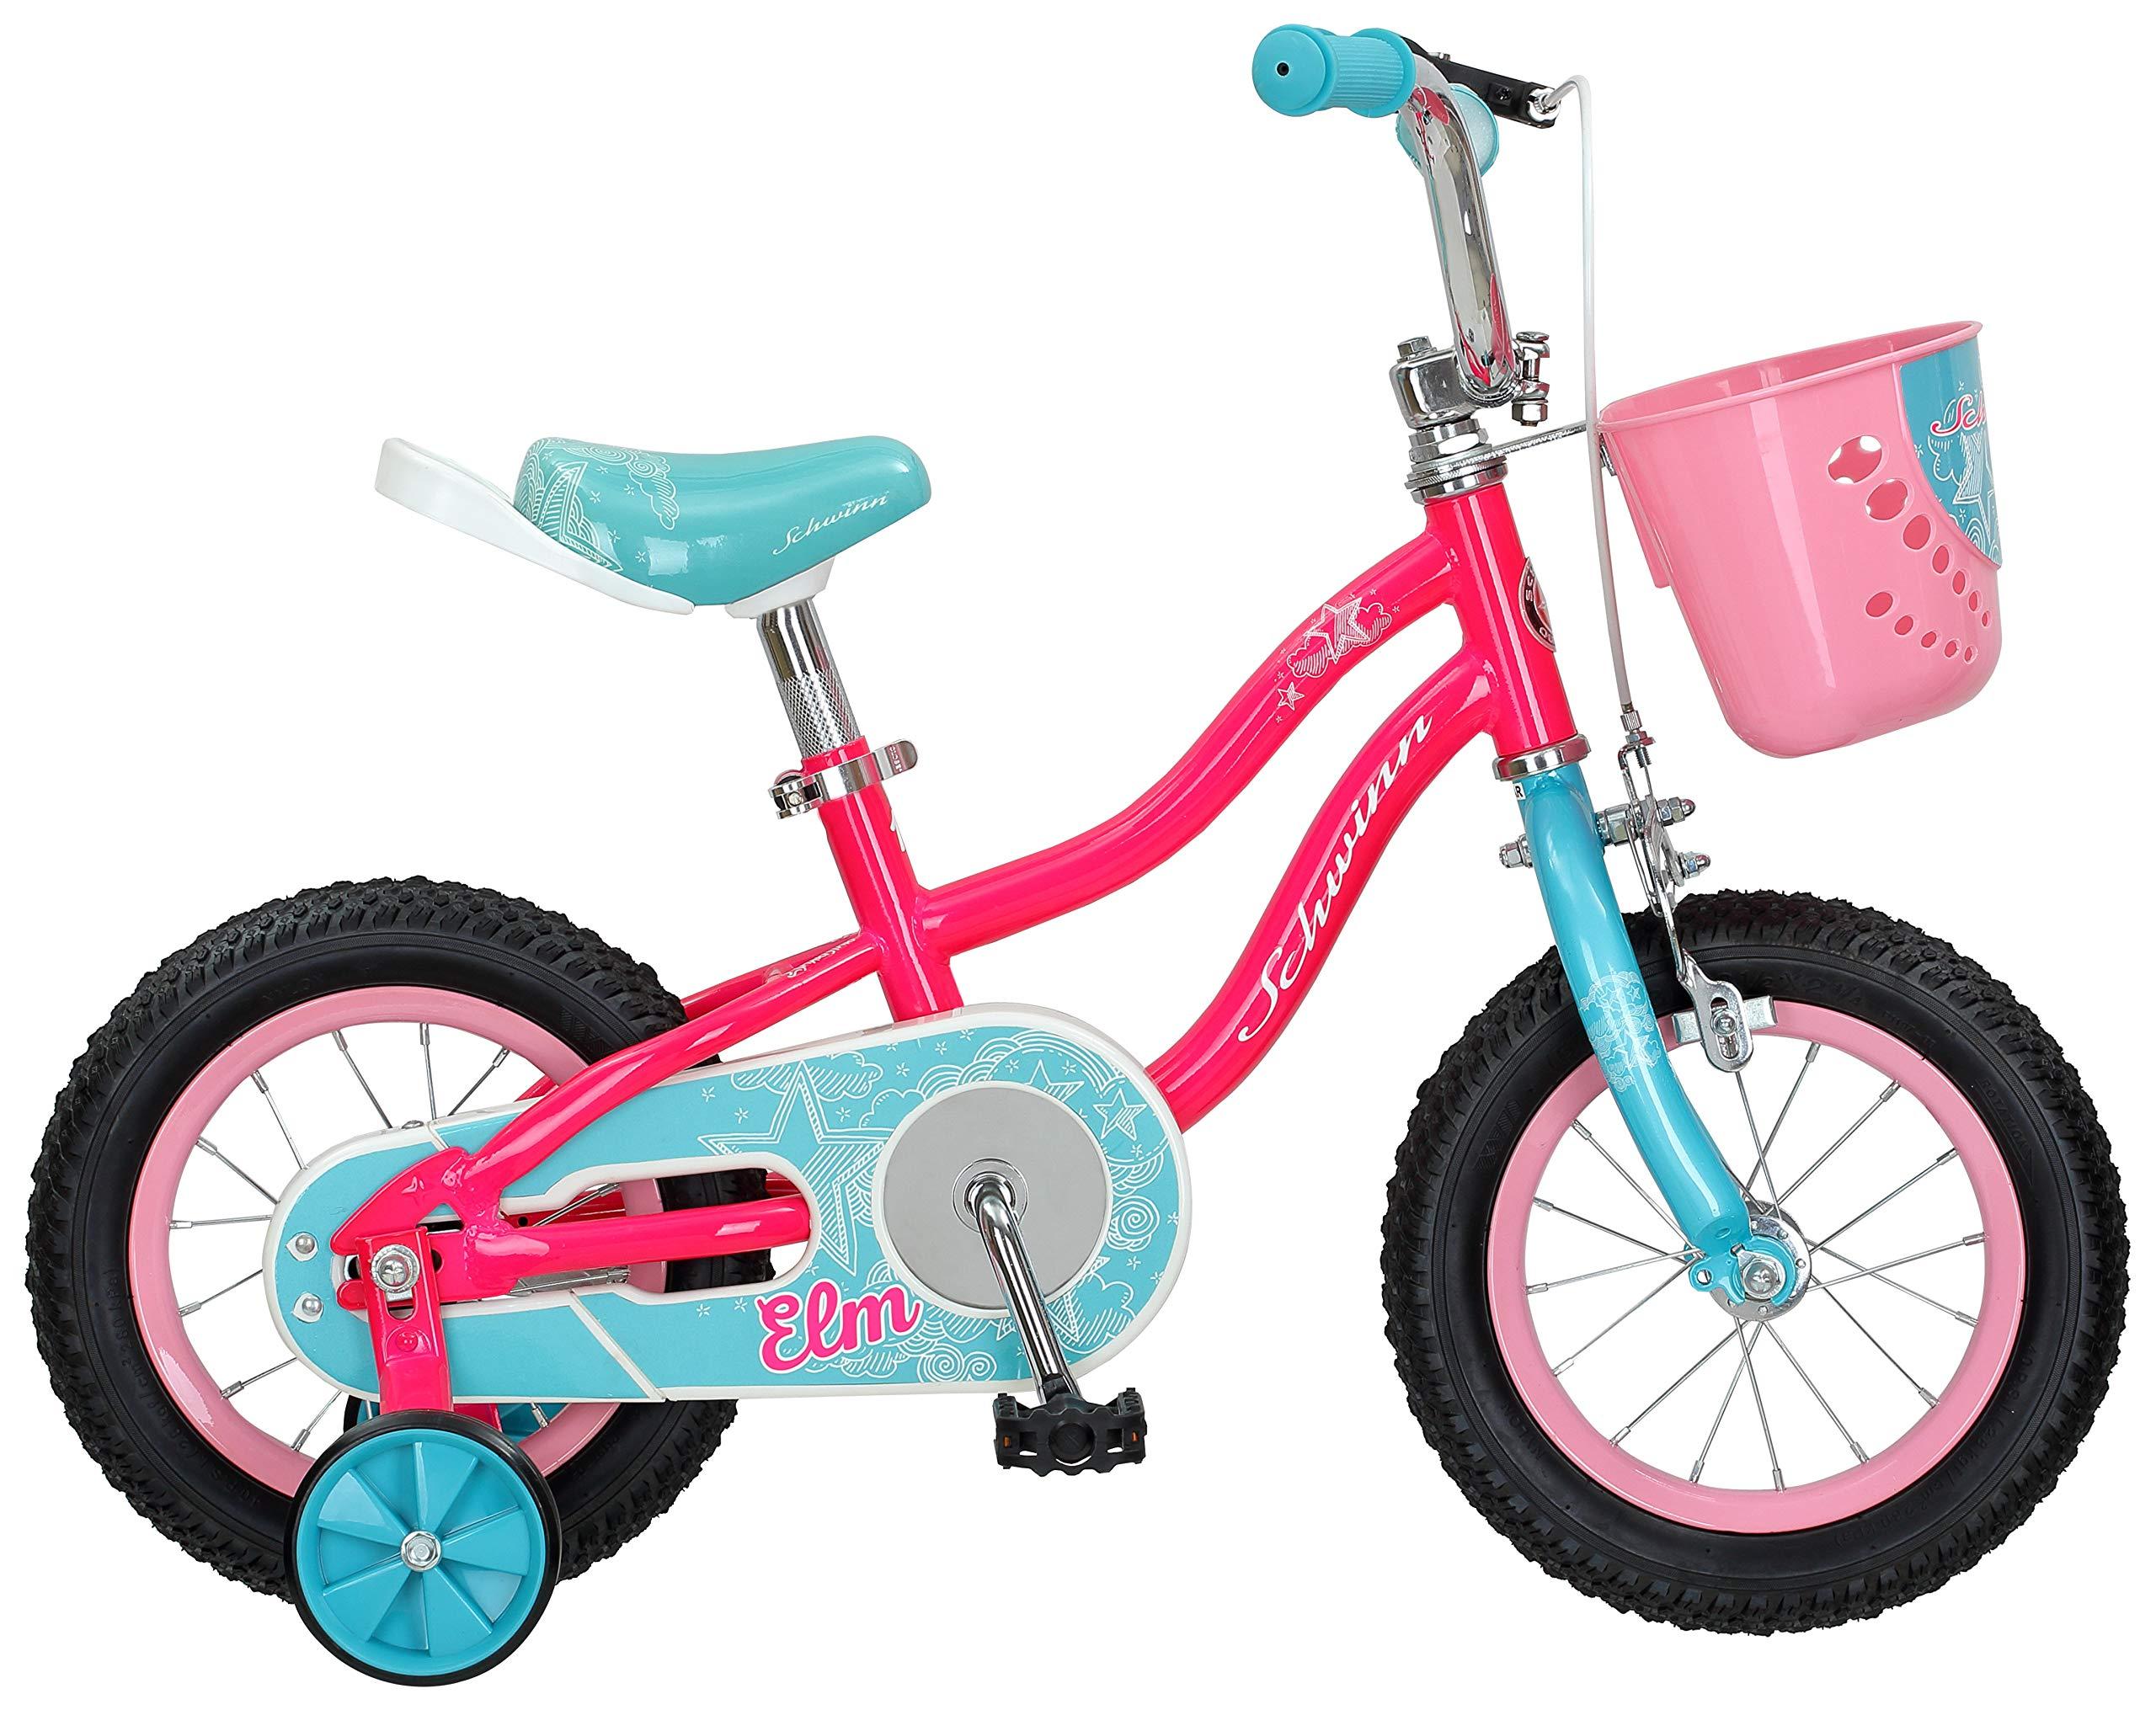 Schwinn Elm Girls Bike For Toddlers And Kids Bike Booty